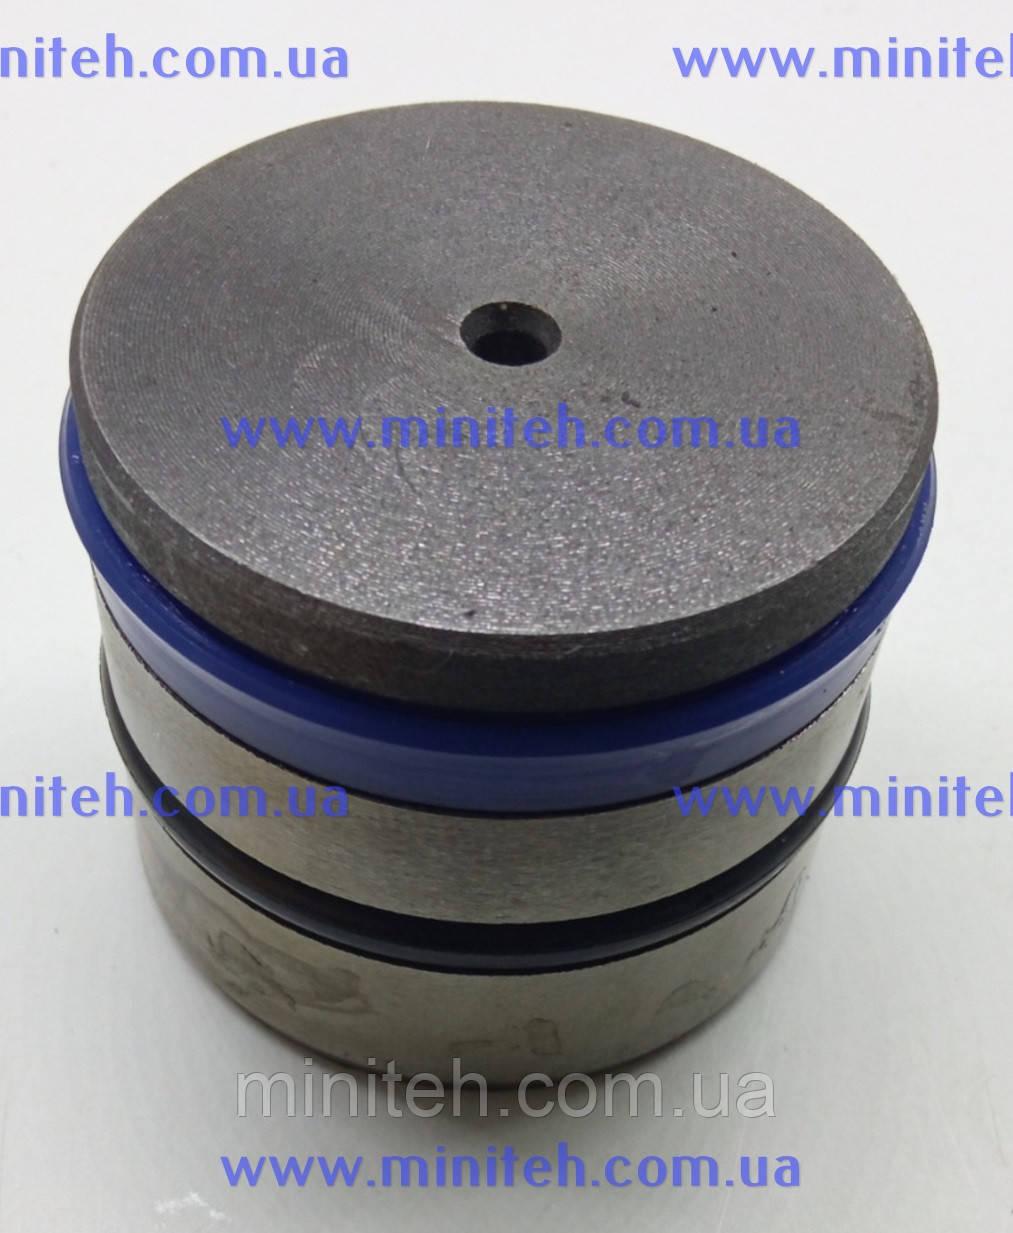 Поршень гідравлічного циліндра JM нов (d-63 mm, l-65 mm)